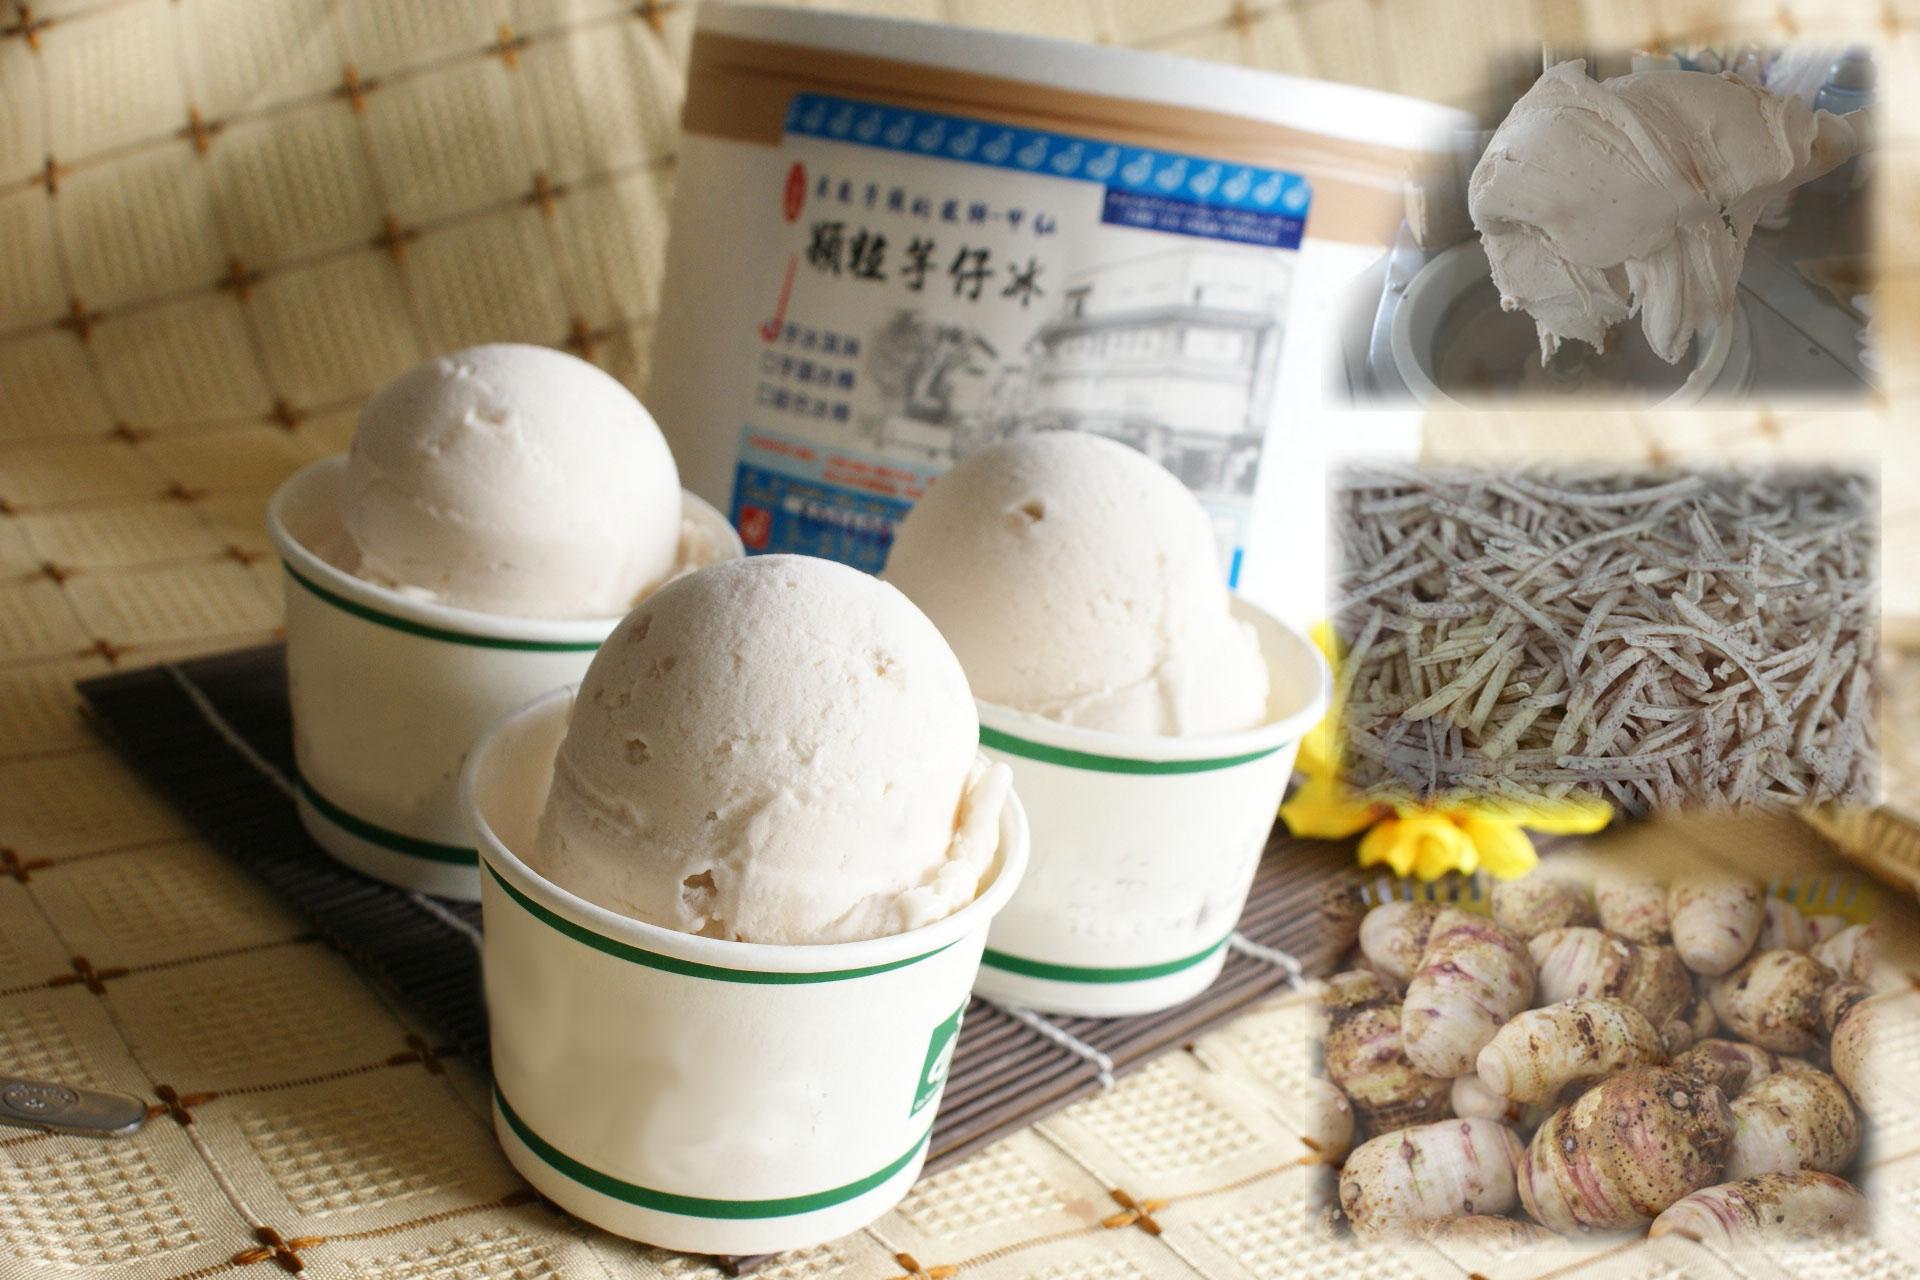 三門本舖 慶開幕試吃優惠組合900 免運 顆粒芋頭冰淇淋 600g x 6桶 甲仙特產 低熱量